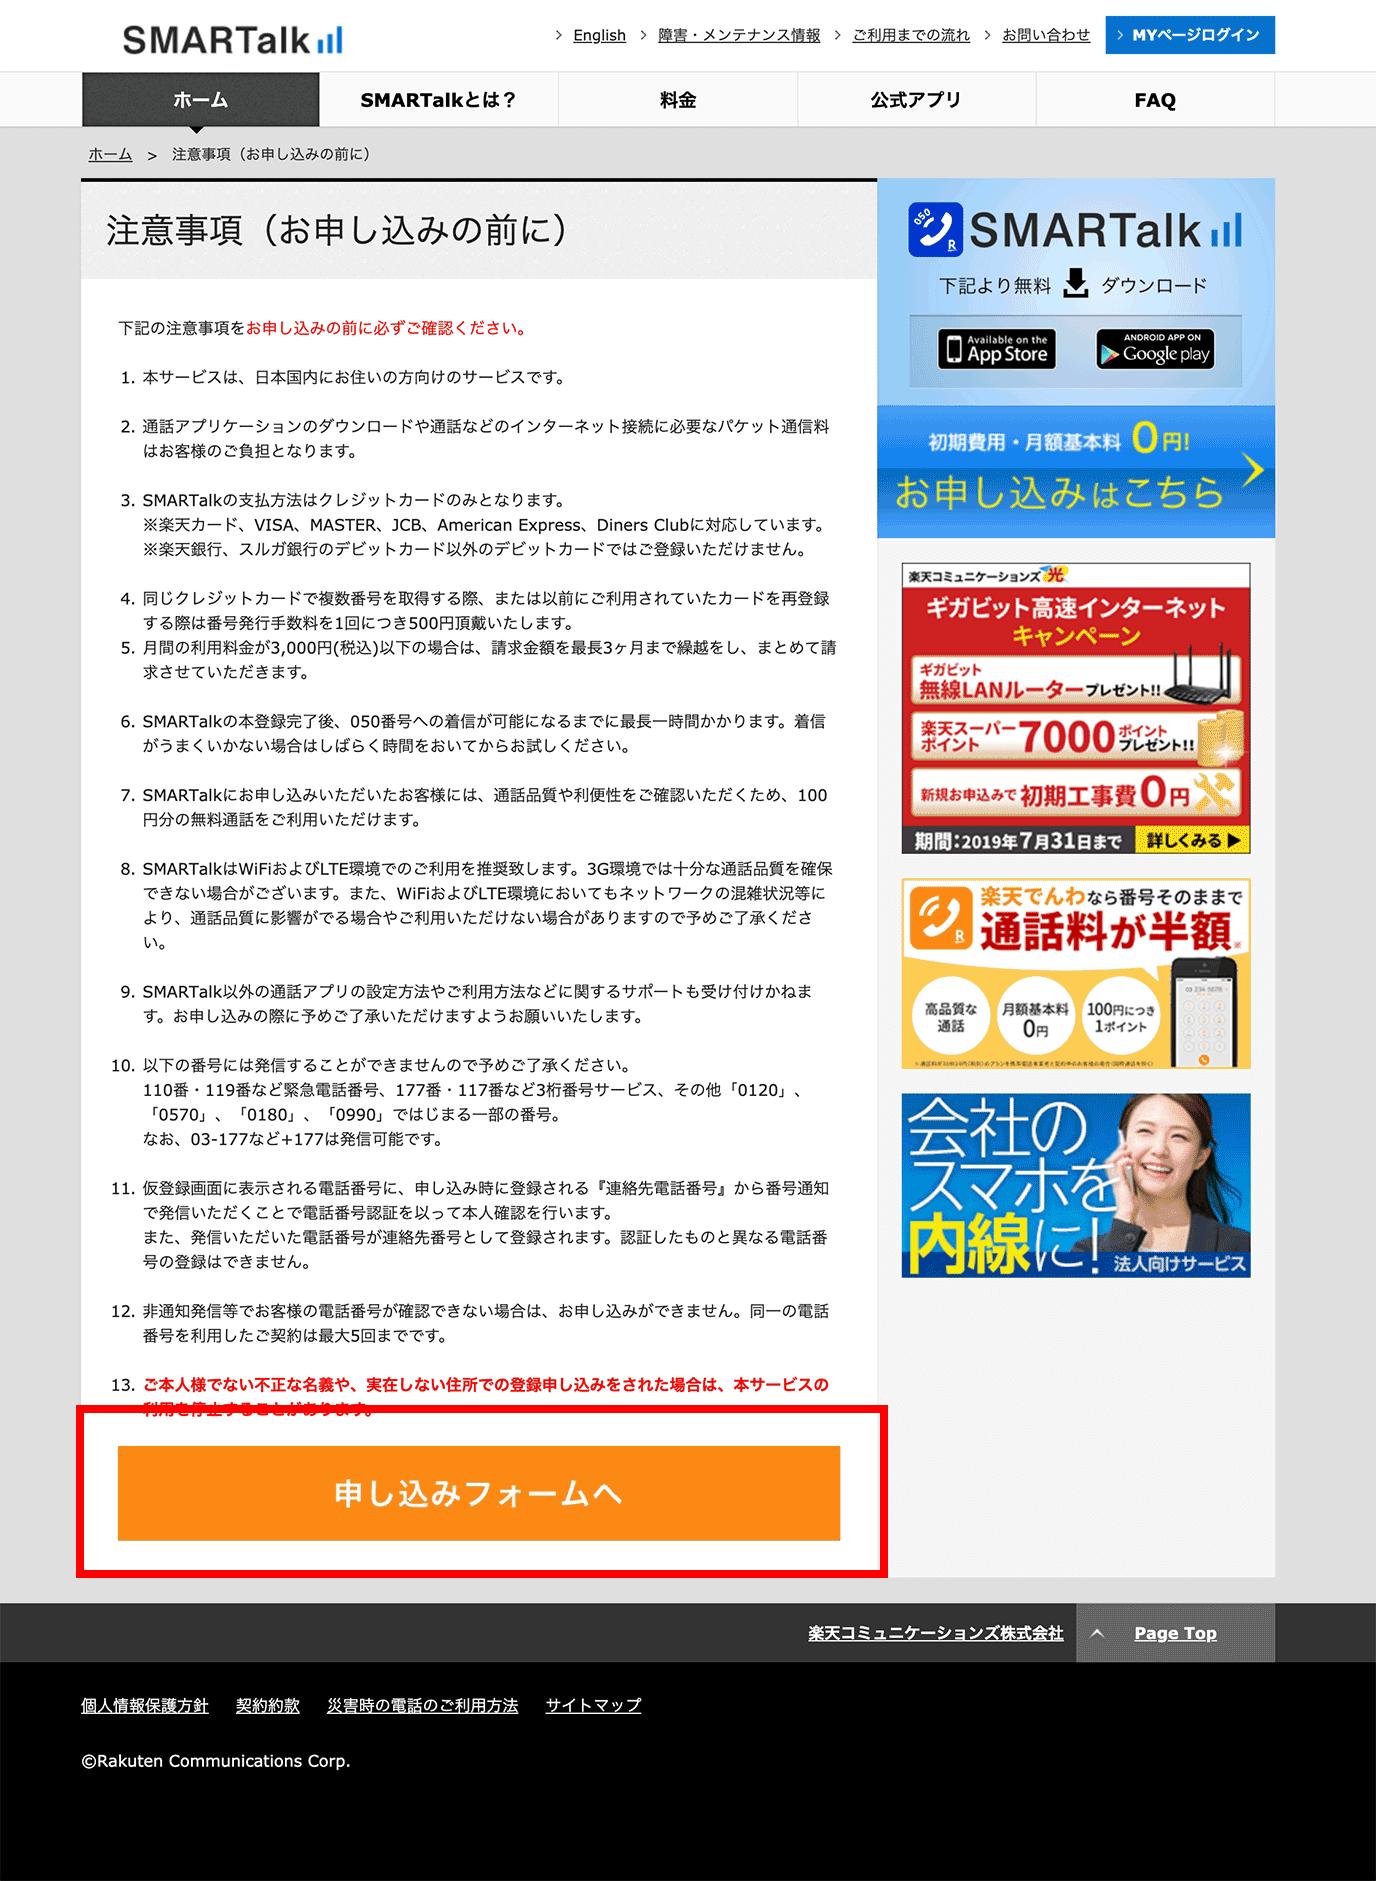 注意書きが表示されますので確認後「申し込みフォームへ」をクリックします